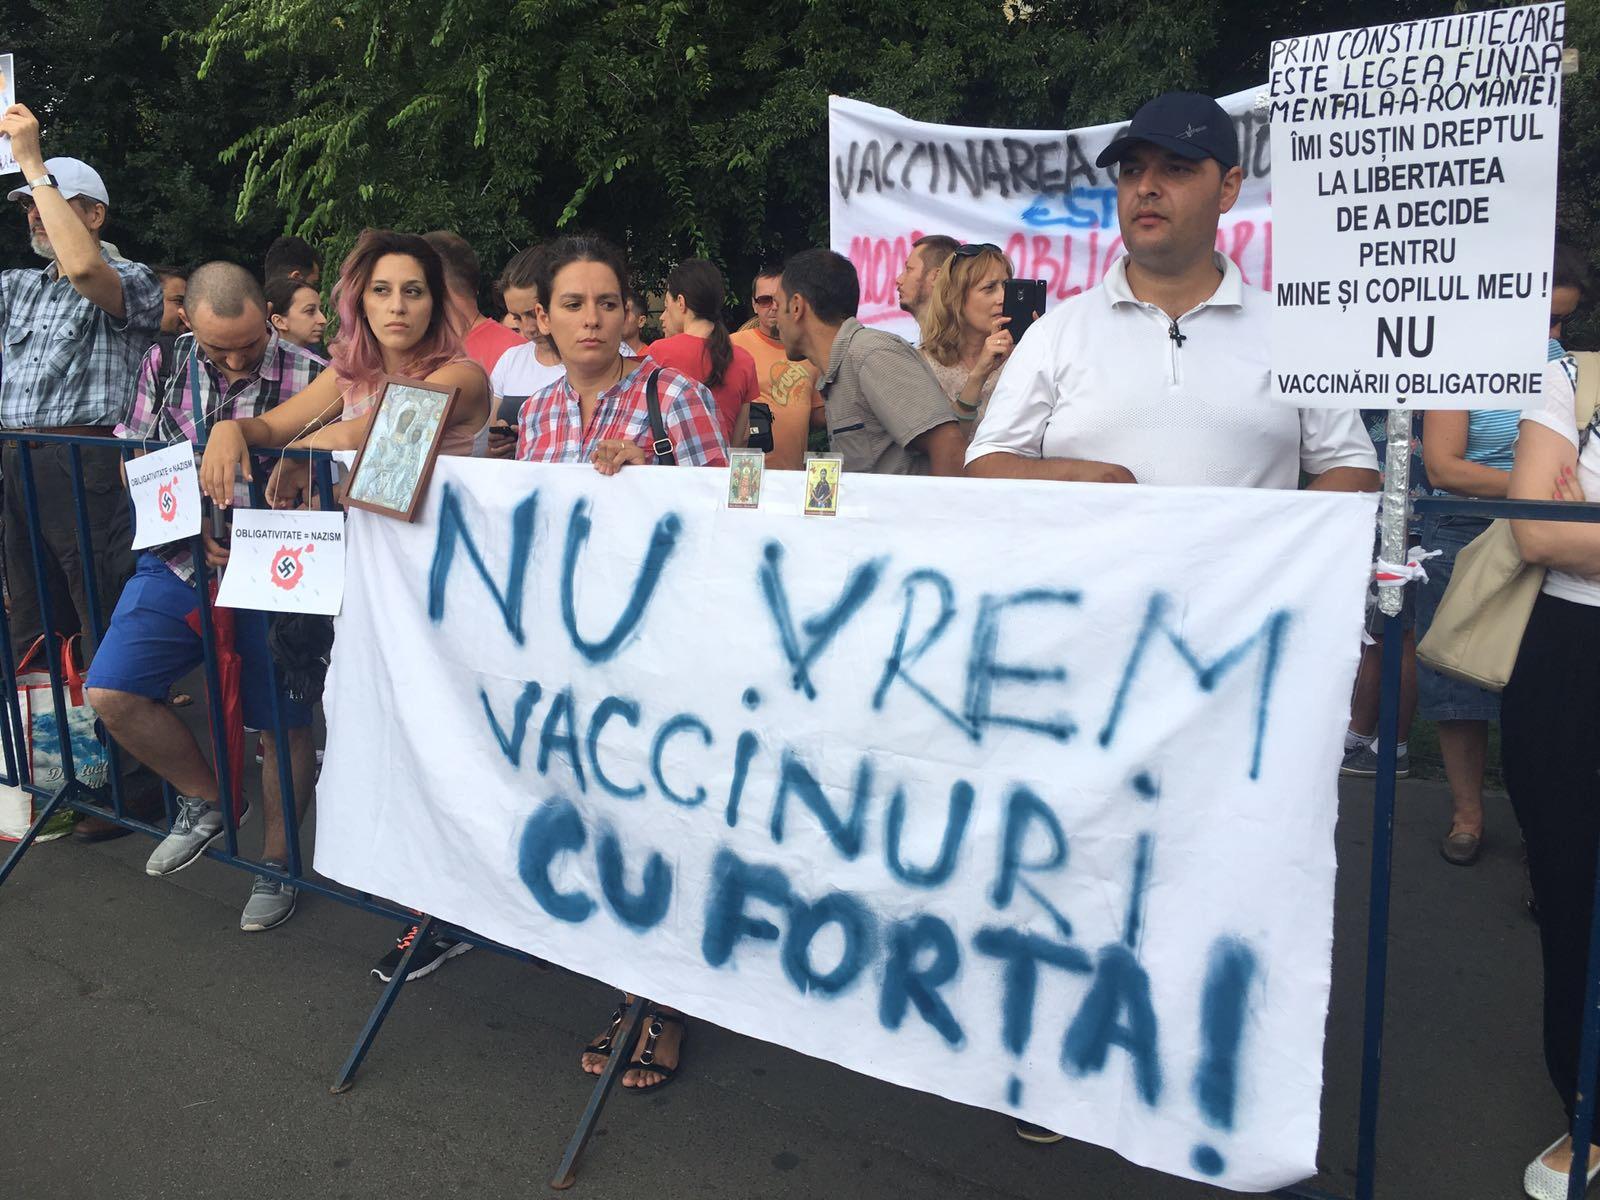 Protest în Piaţa Victoriei, faţă de Legea vaccinării | Părinţi: `Am venit pentru că vrem să fim liberi` , `Copiii mei nu sunt proprietatea statului!` | FOTO